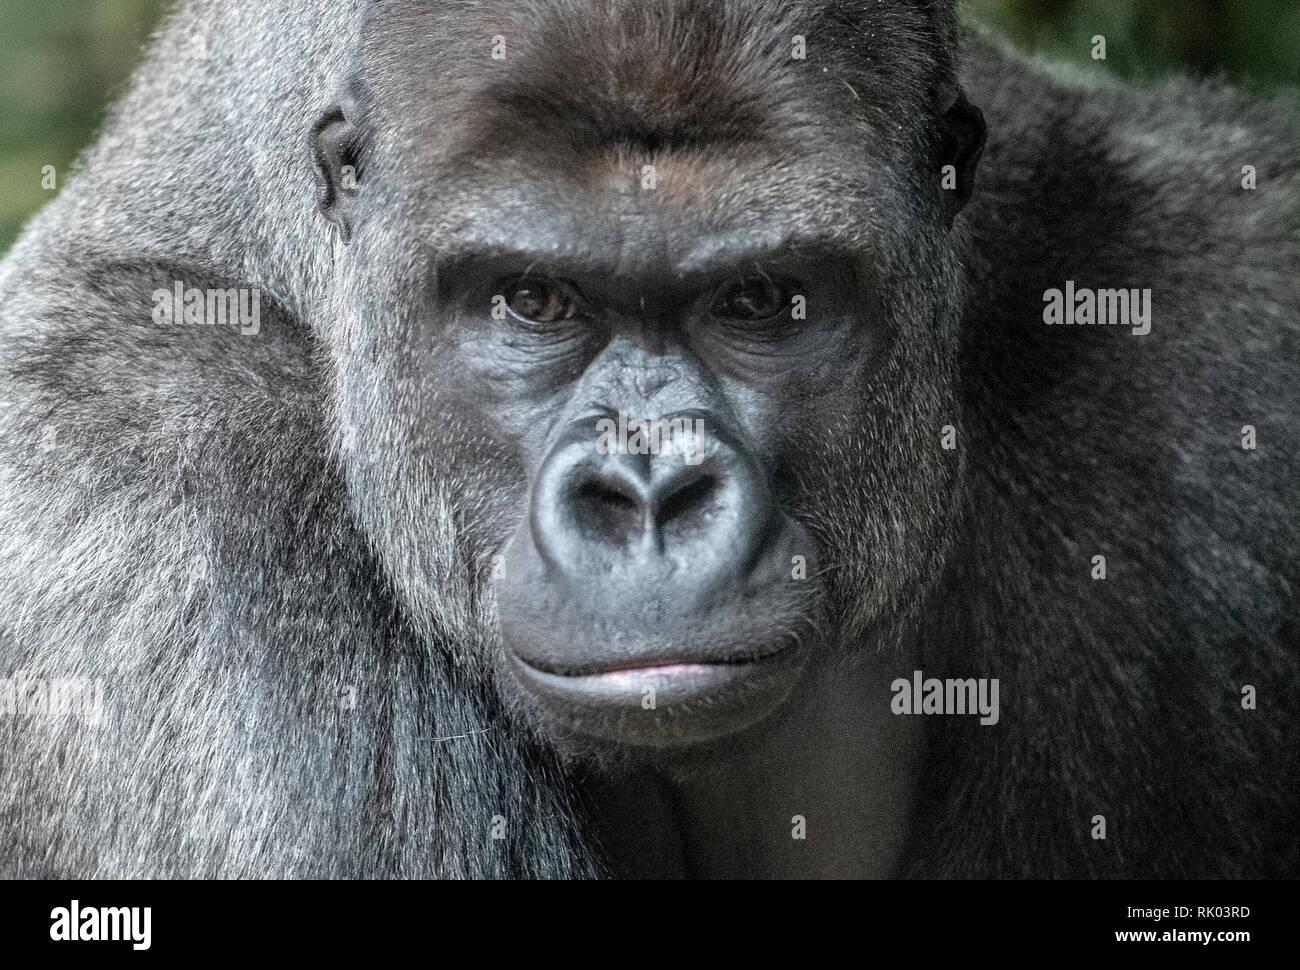 Gorille Des Plaines Occidentales Portrait (Gorilla Gorilla Gorilla) En  Captivité. National Zoo. Washington DC, Etats-Unis. Banque D'Images Et  Photos Libres De Droits. Image 12506544.